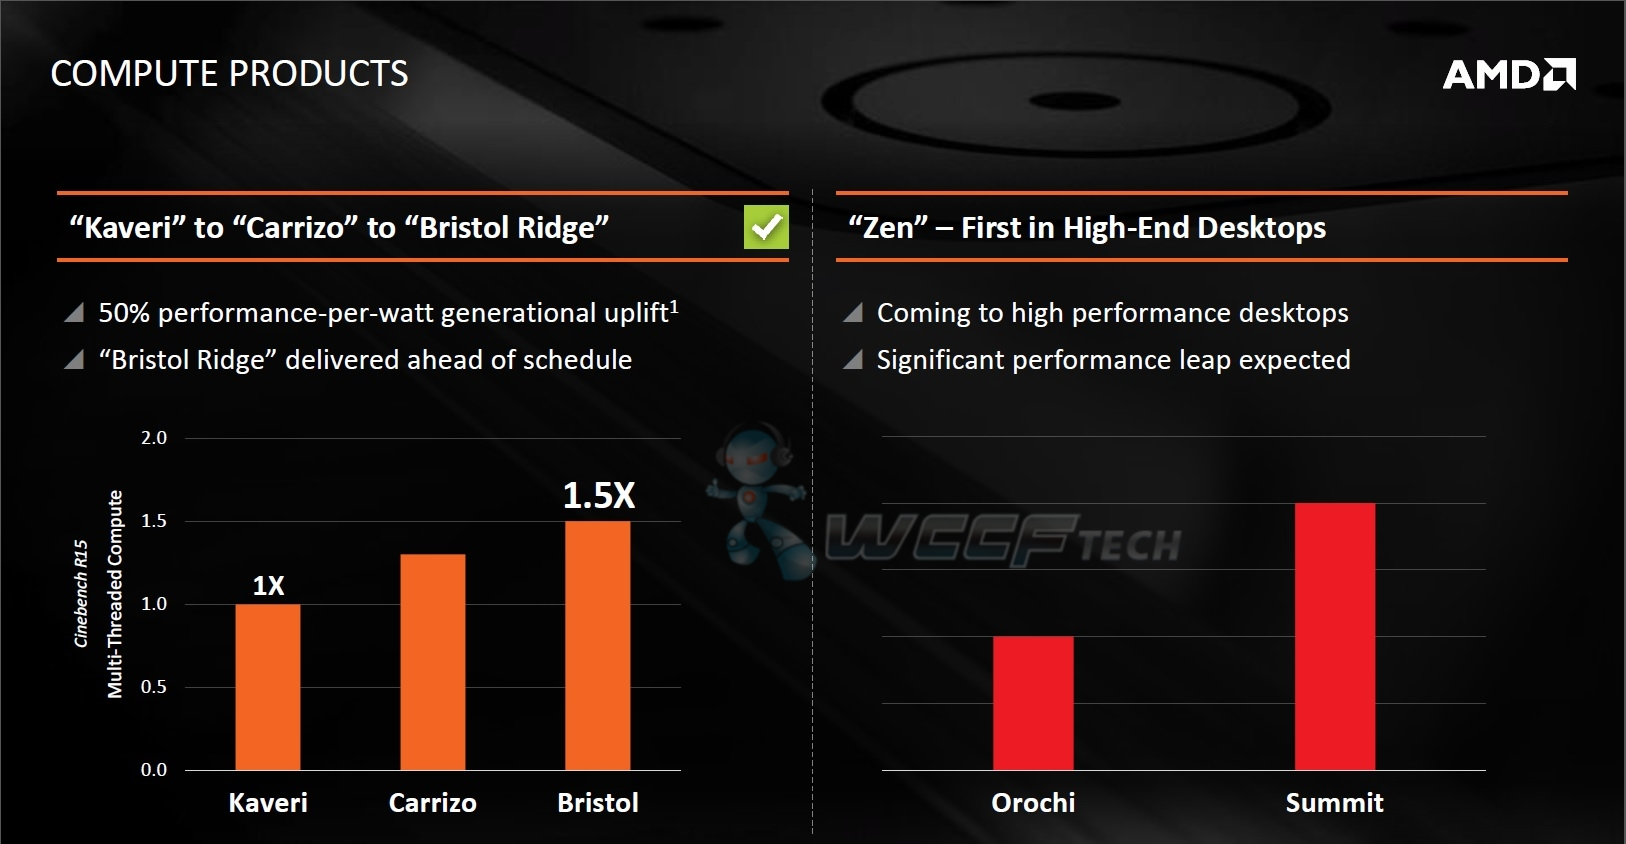 AMD summit ridge dobla el rendimiento de FX-8350 2